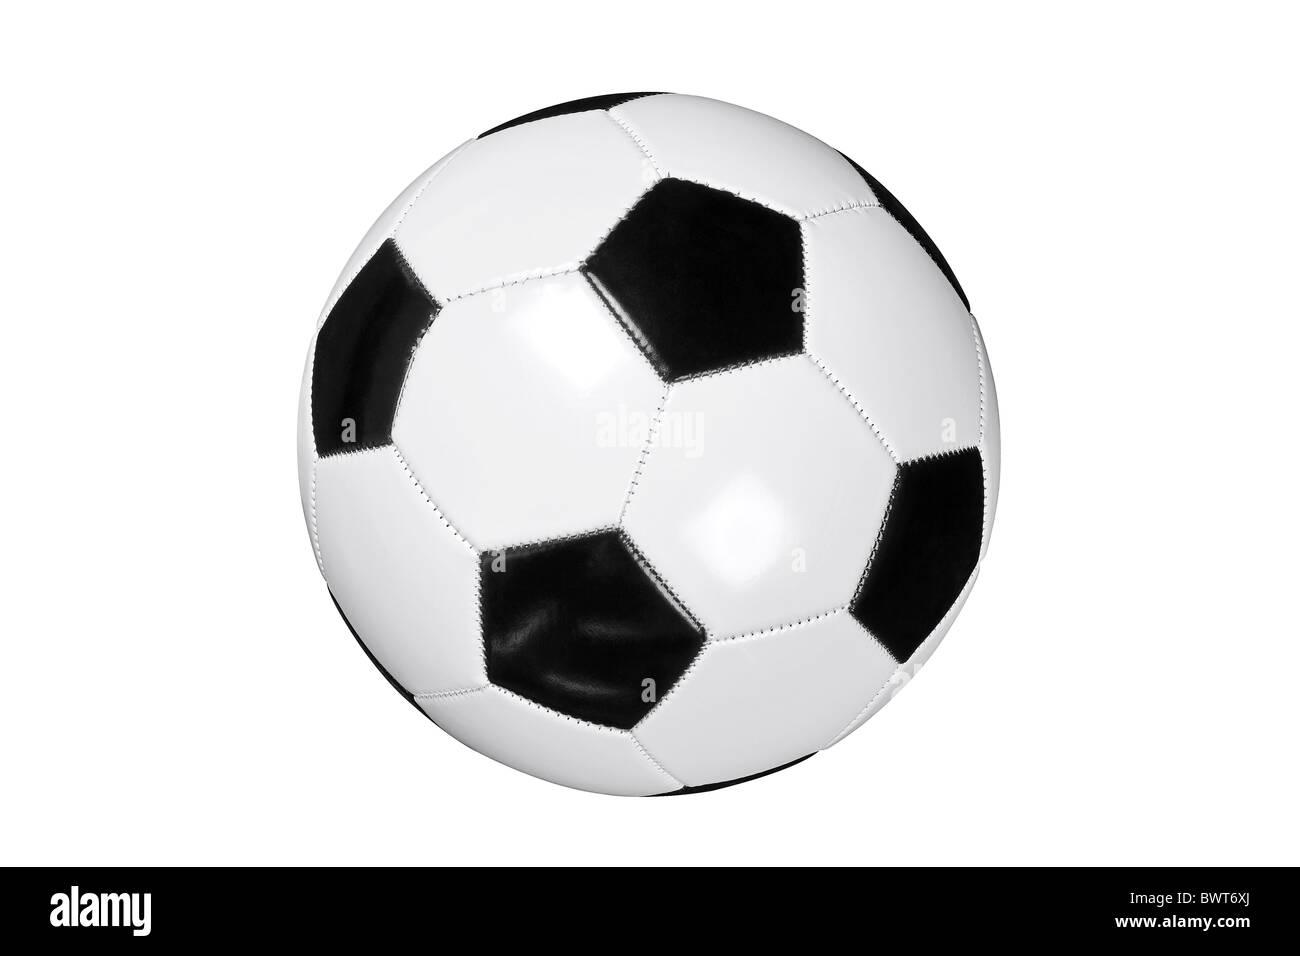 Foto von weißen und schwarzen Leder Fußball- oder Fußball Ball isoliert auf weißem Hintergrund Stockbild